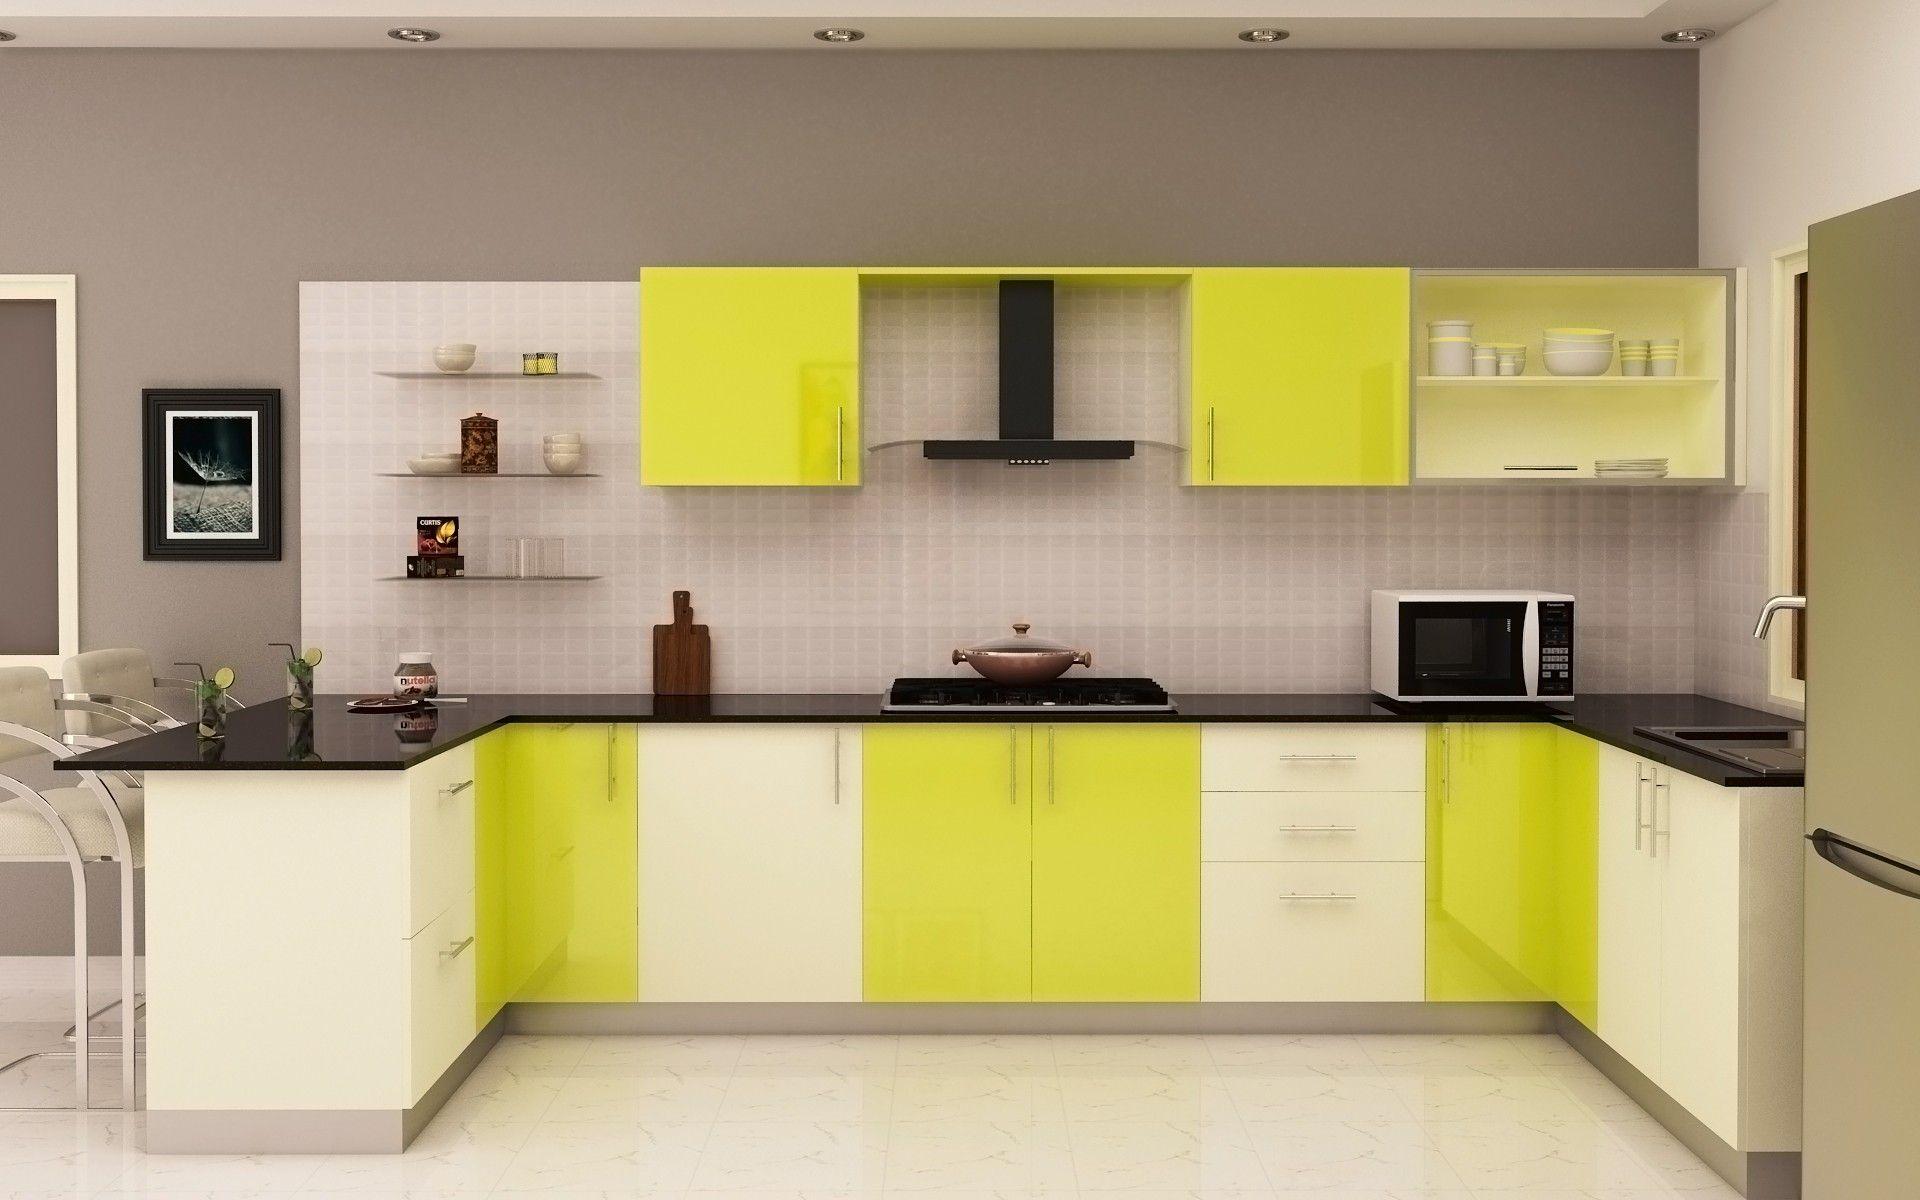 Pin By Arika Ligmann Zielinska On Kitchen Kitchen Cabinets Color Combination Modular Kitchen Cabinets Kitchen Design